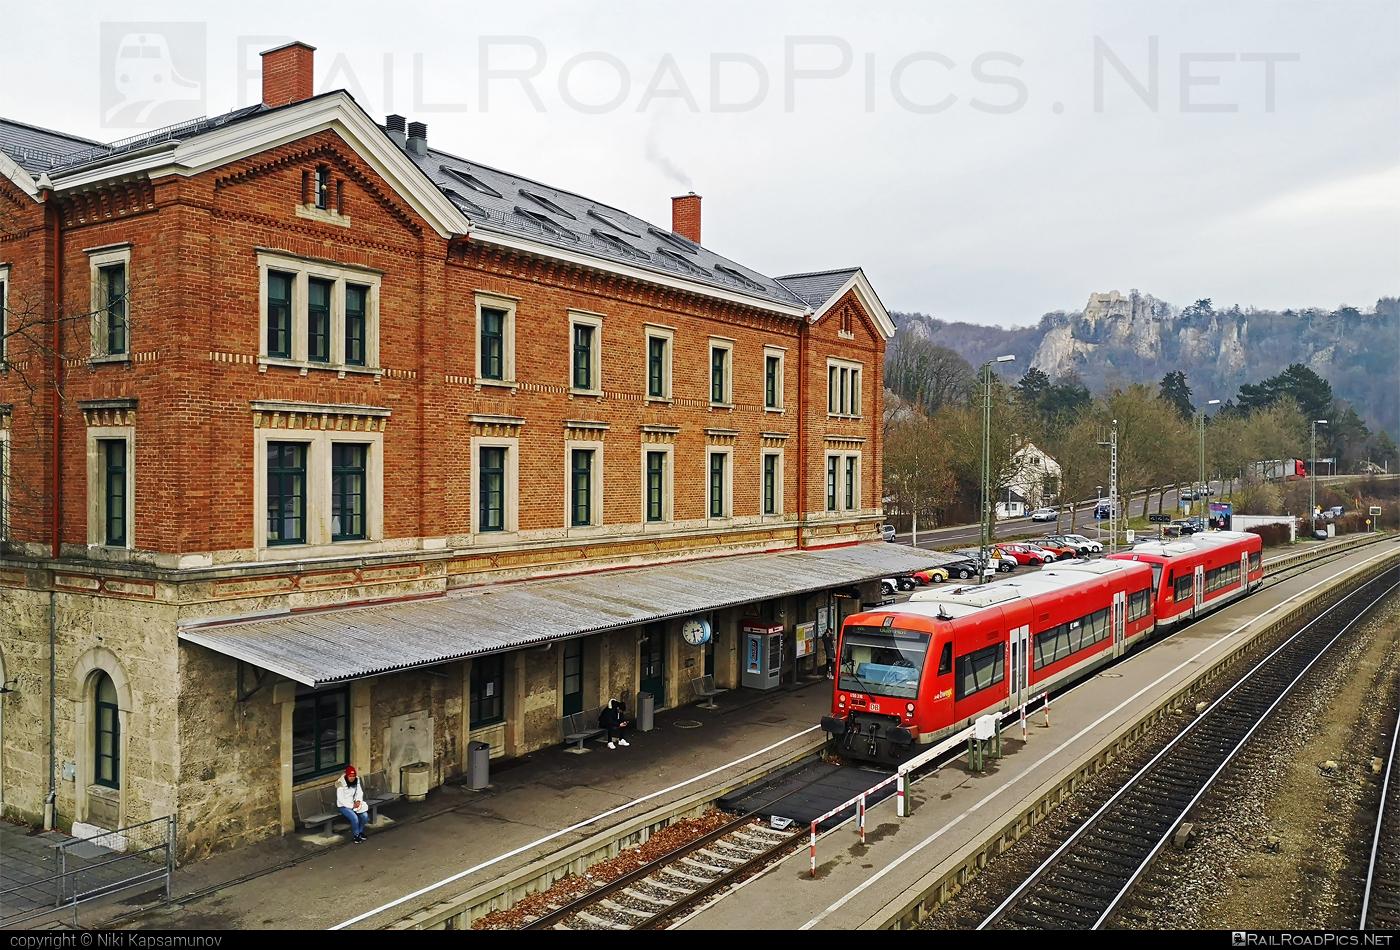 Stadler Regio-Shuttle RS1 - 650 316 operated by Deutsche Bahn / DB AG #db #deutschebahn #regioshuttlers1 #stadler #stadlerrail #stadlerrailag #stadlerregioshuttlers1